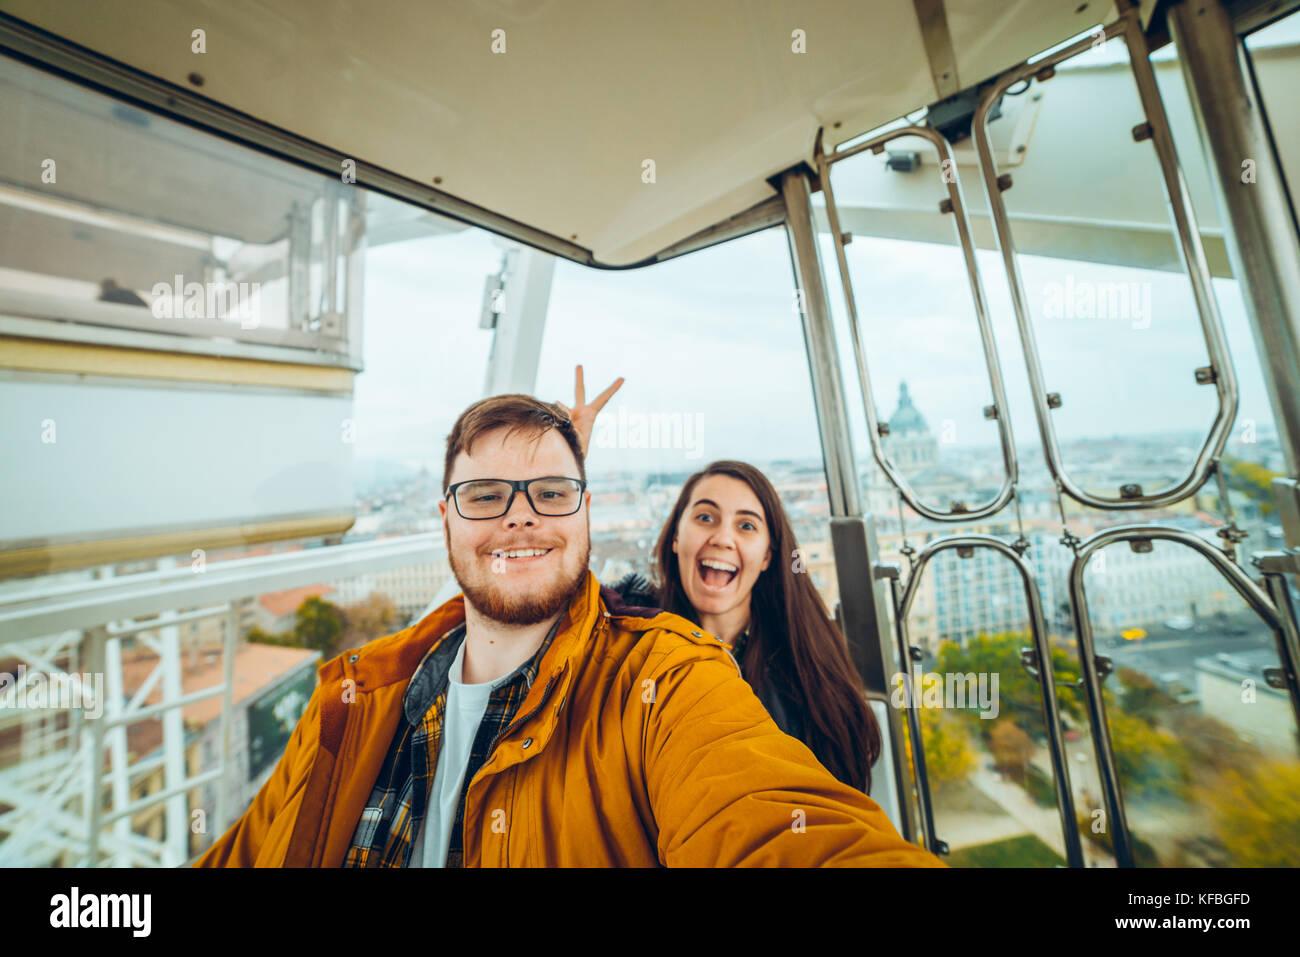 Mann mit Frau beim Riesenrad eine selfie Stockfoto